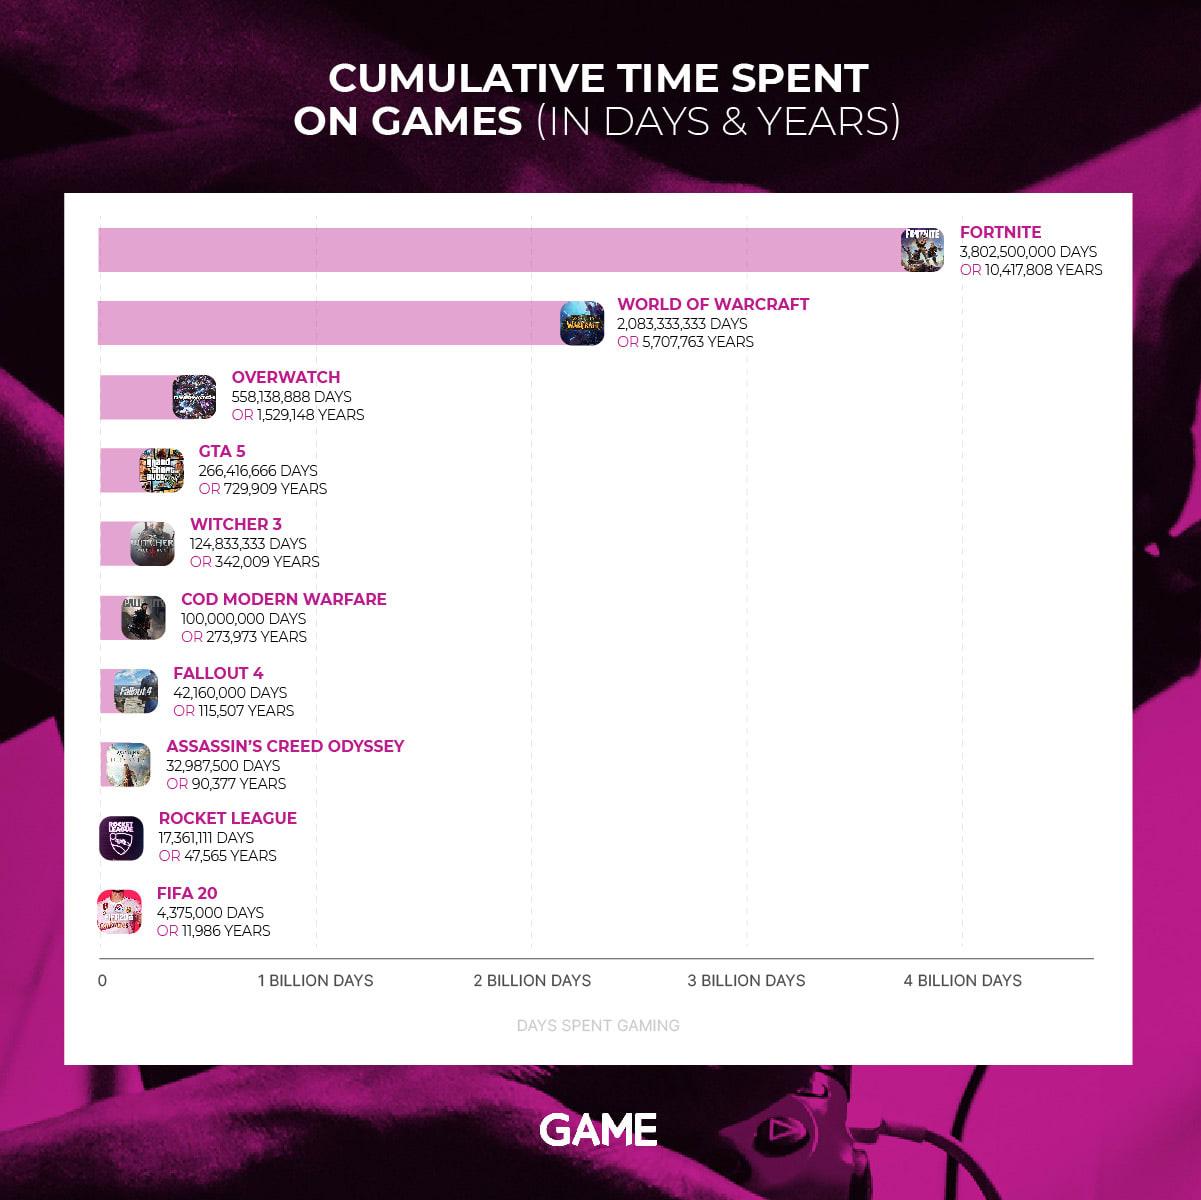 GAME kumulatiivinen peleihin käytetty aika